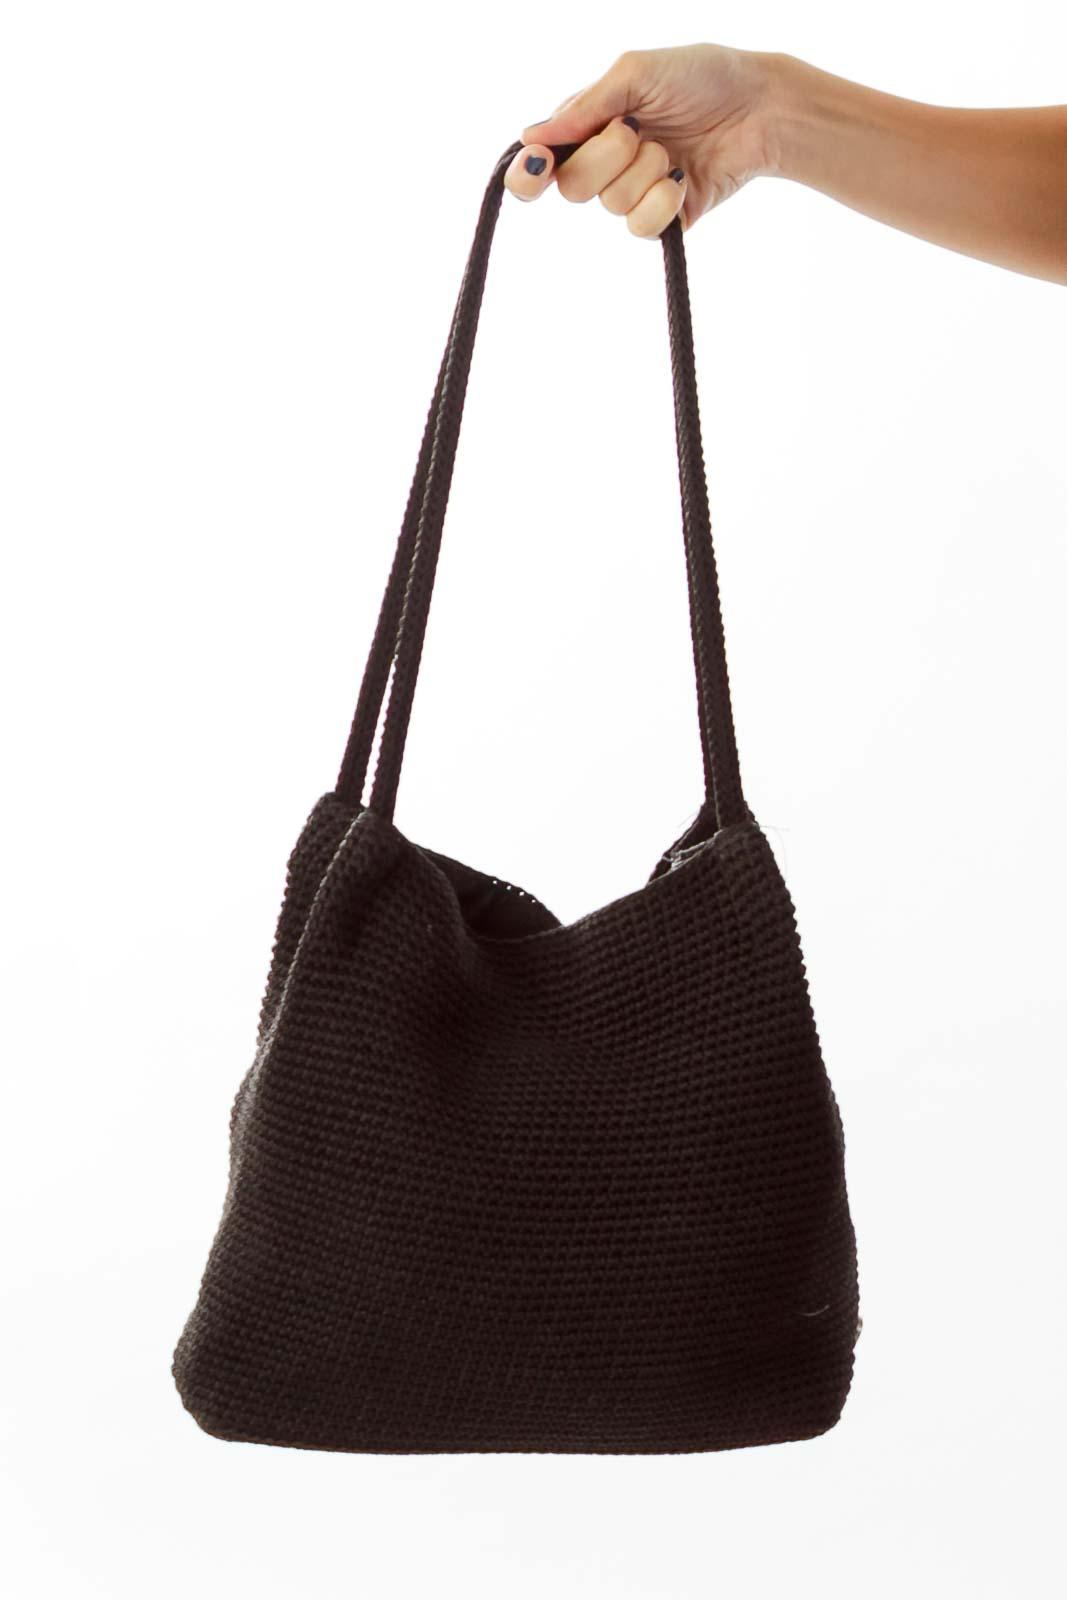 Black Woven Shoulder Bag Front